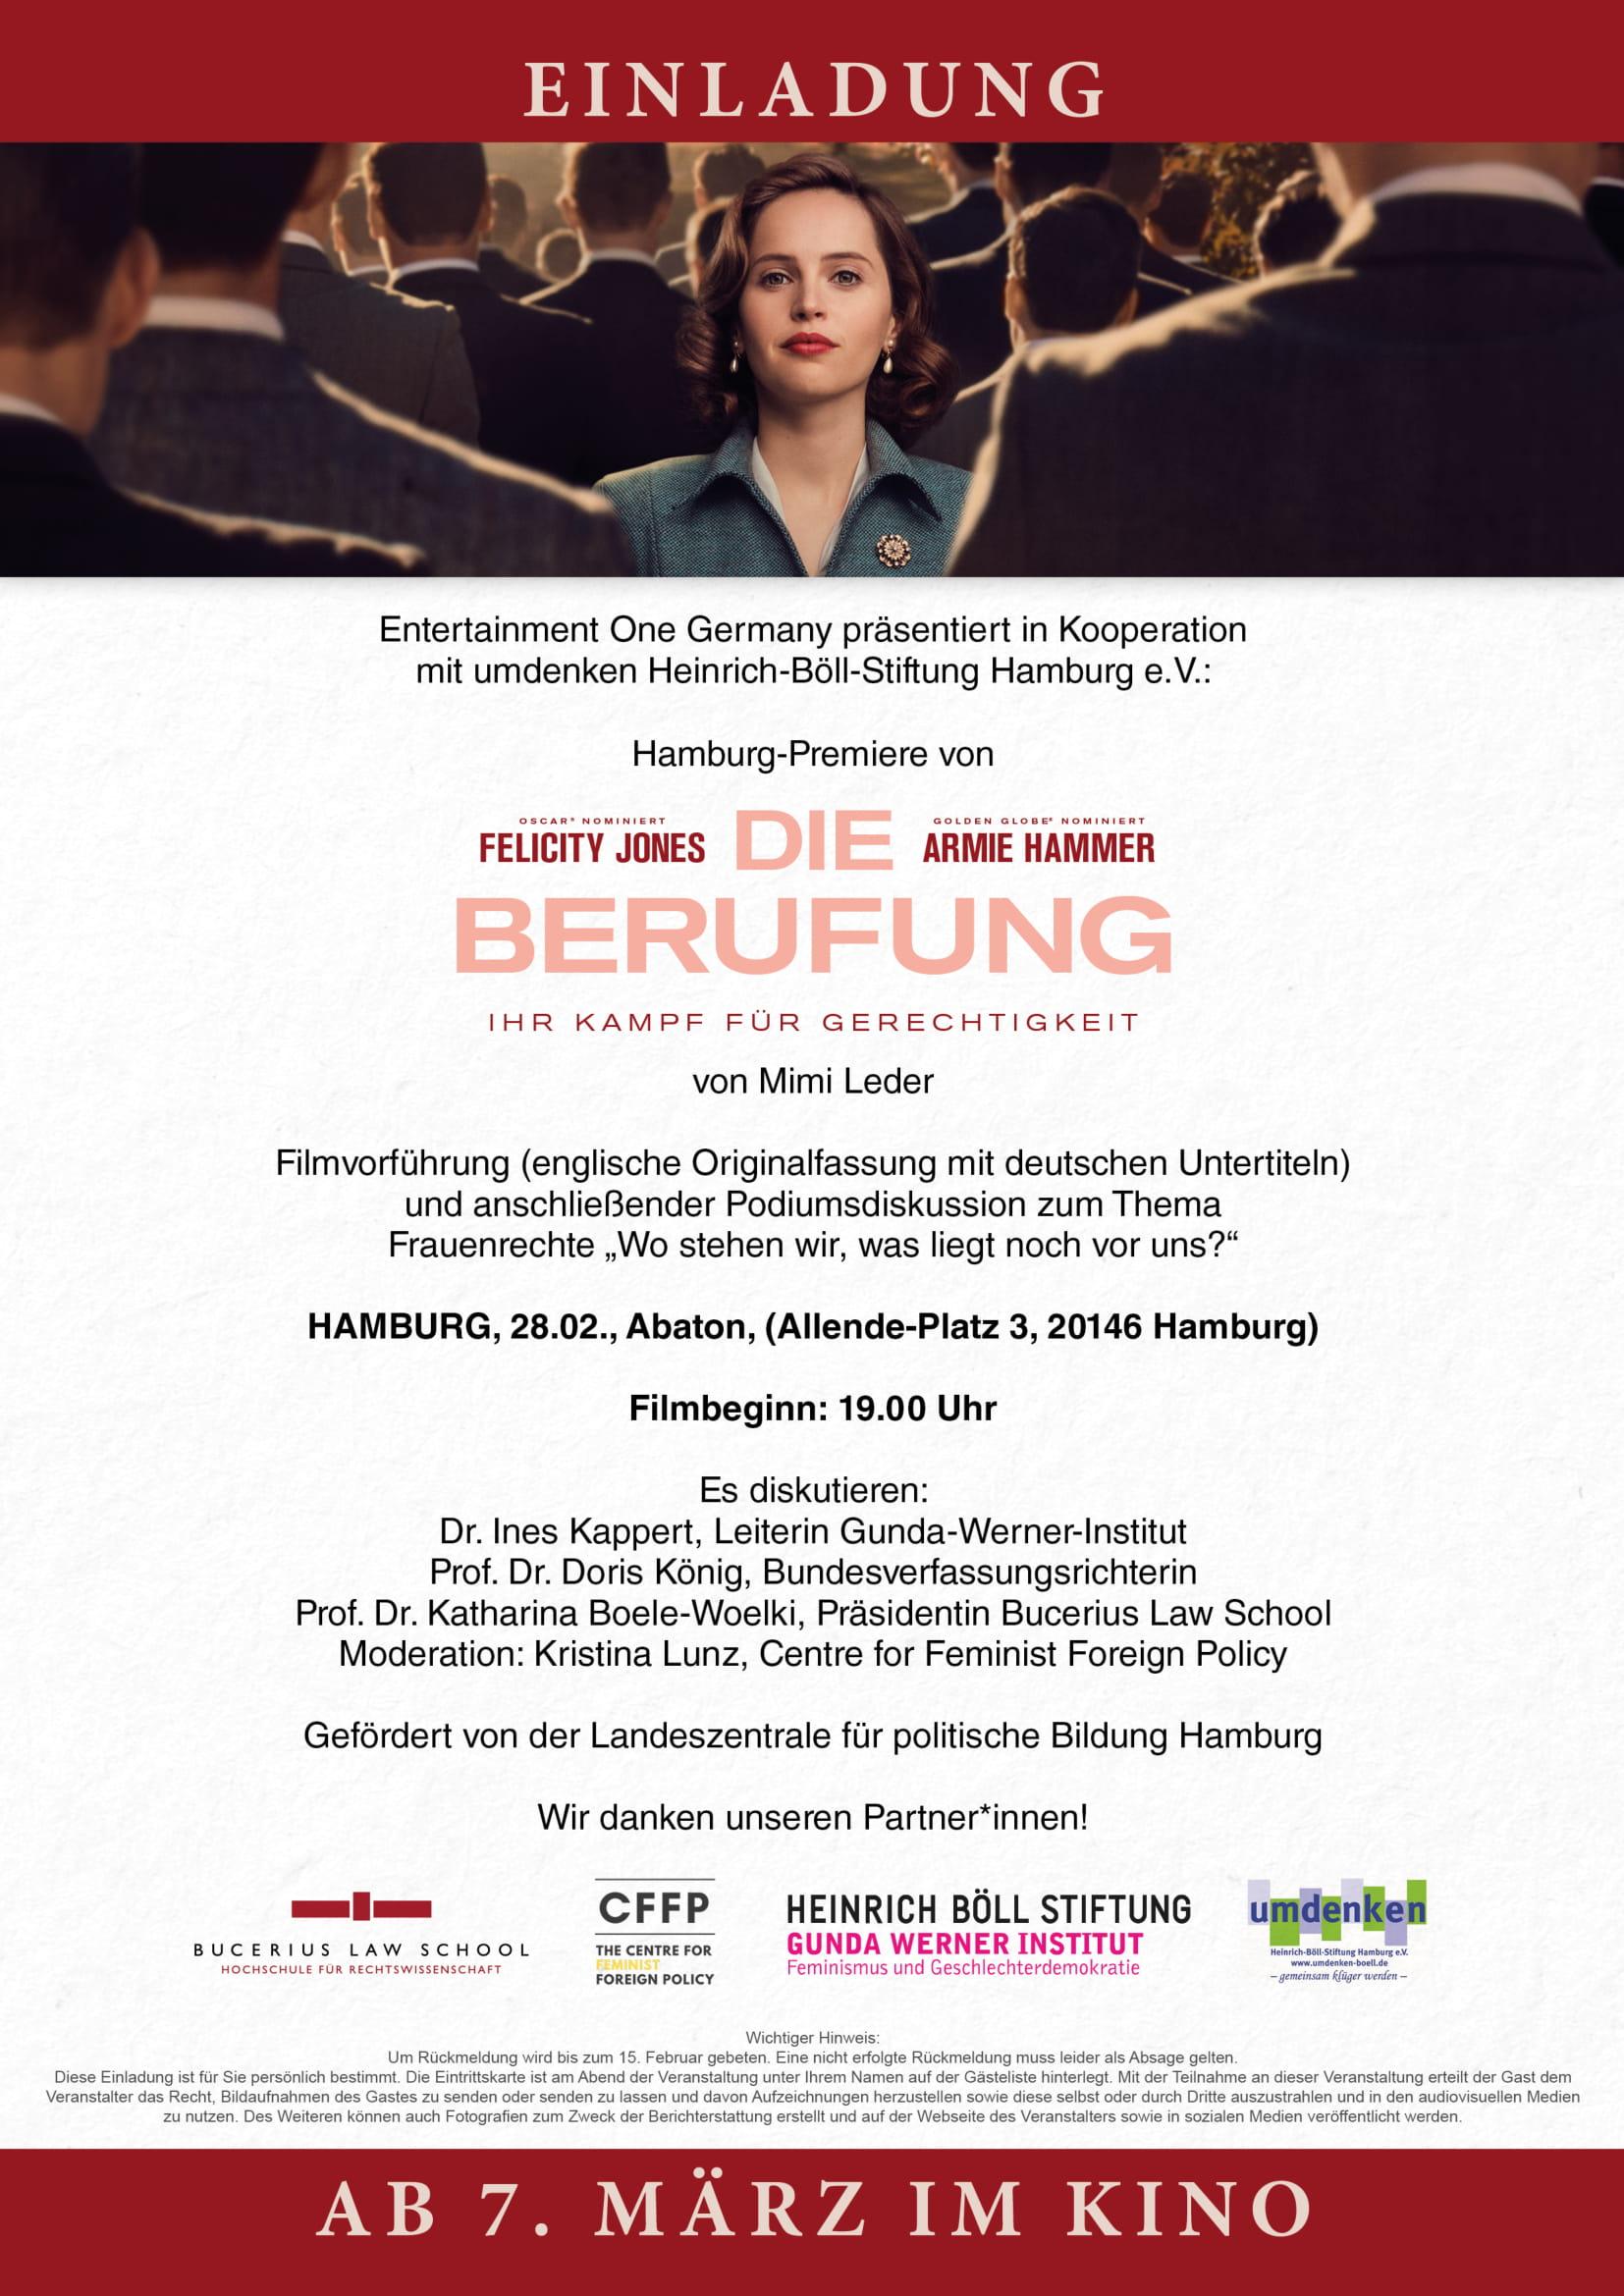 BERUFUNG_Einladung_HH-1.jpg